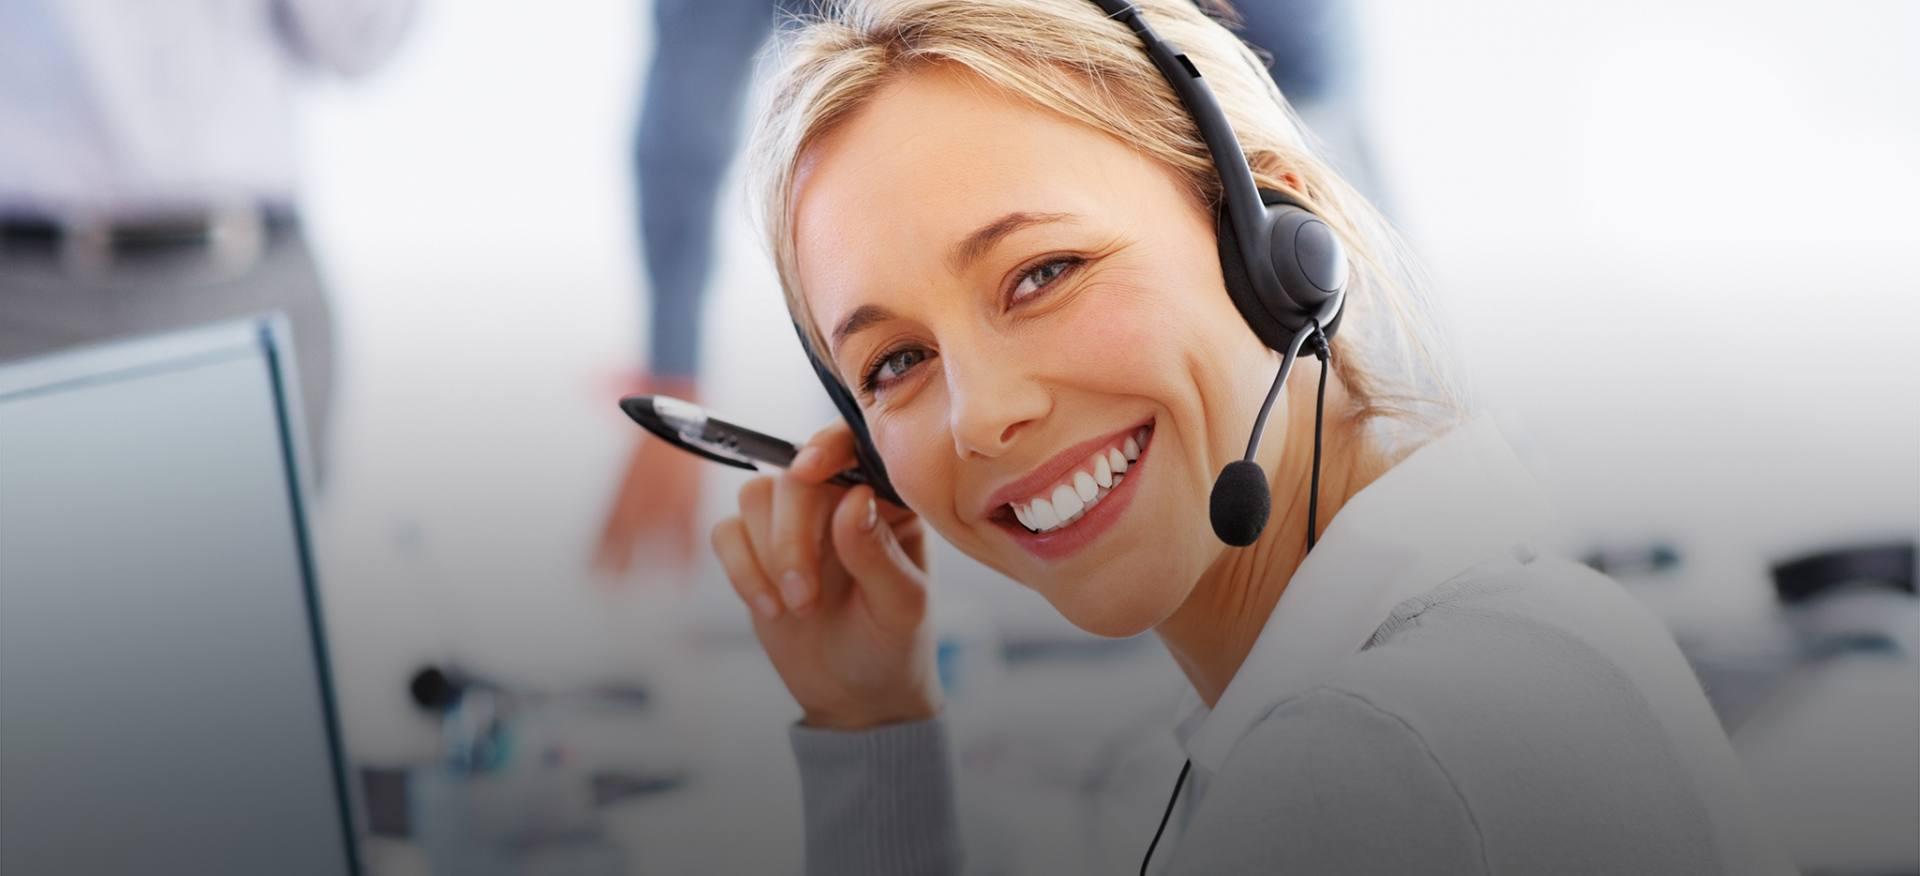 Uśmiechnięta konsultantka czeka na telefon od klienta, by odpowiedzieć na wszystkie pytania